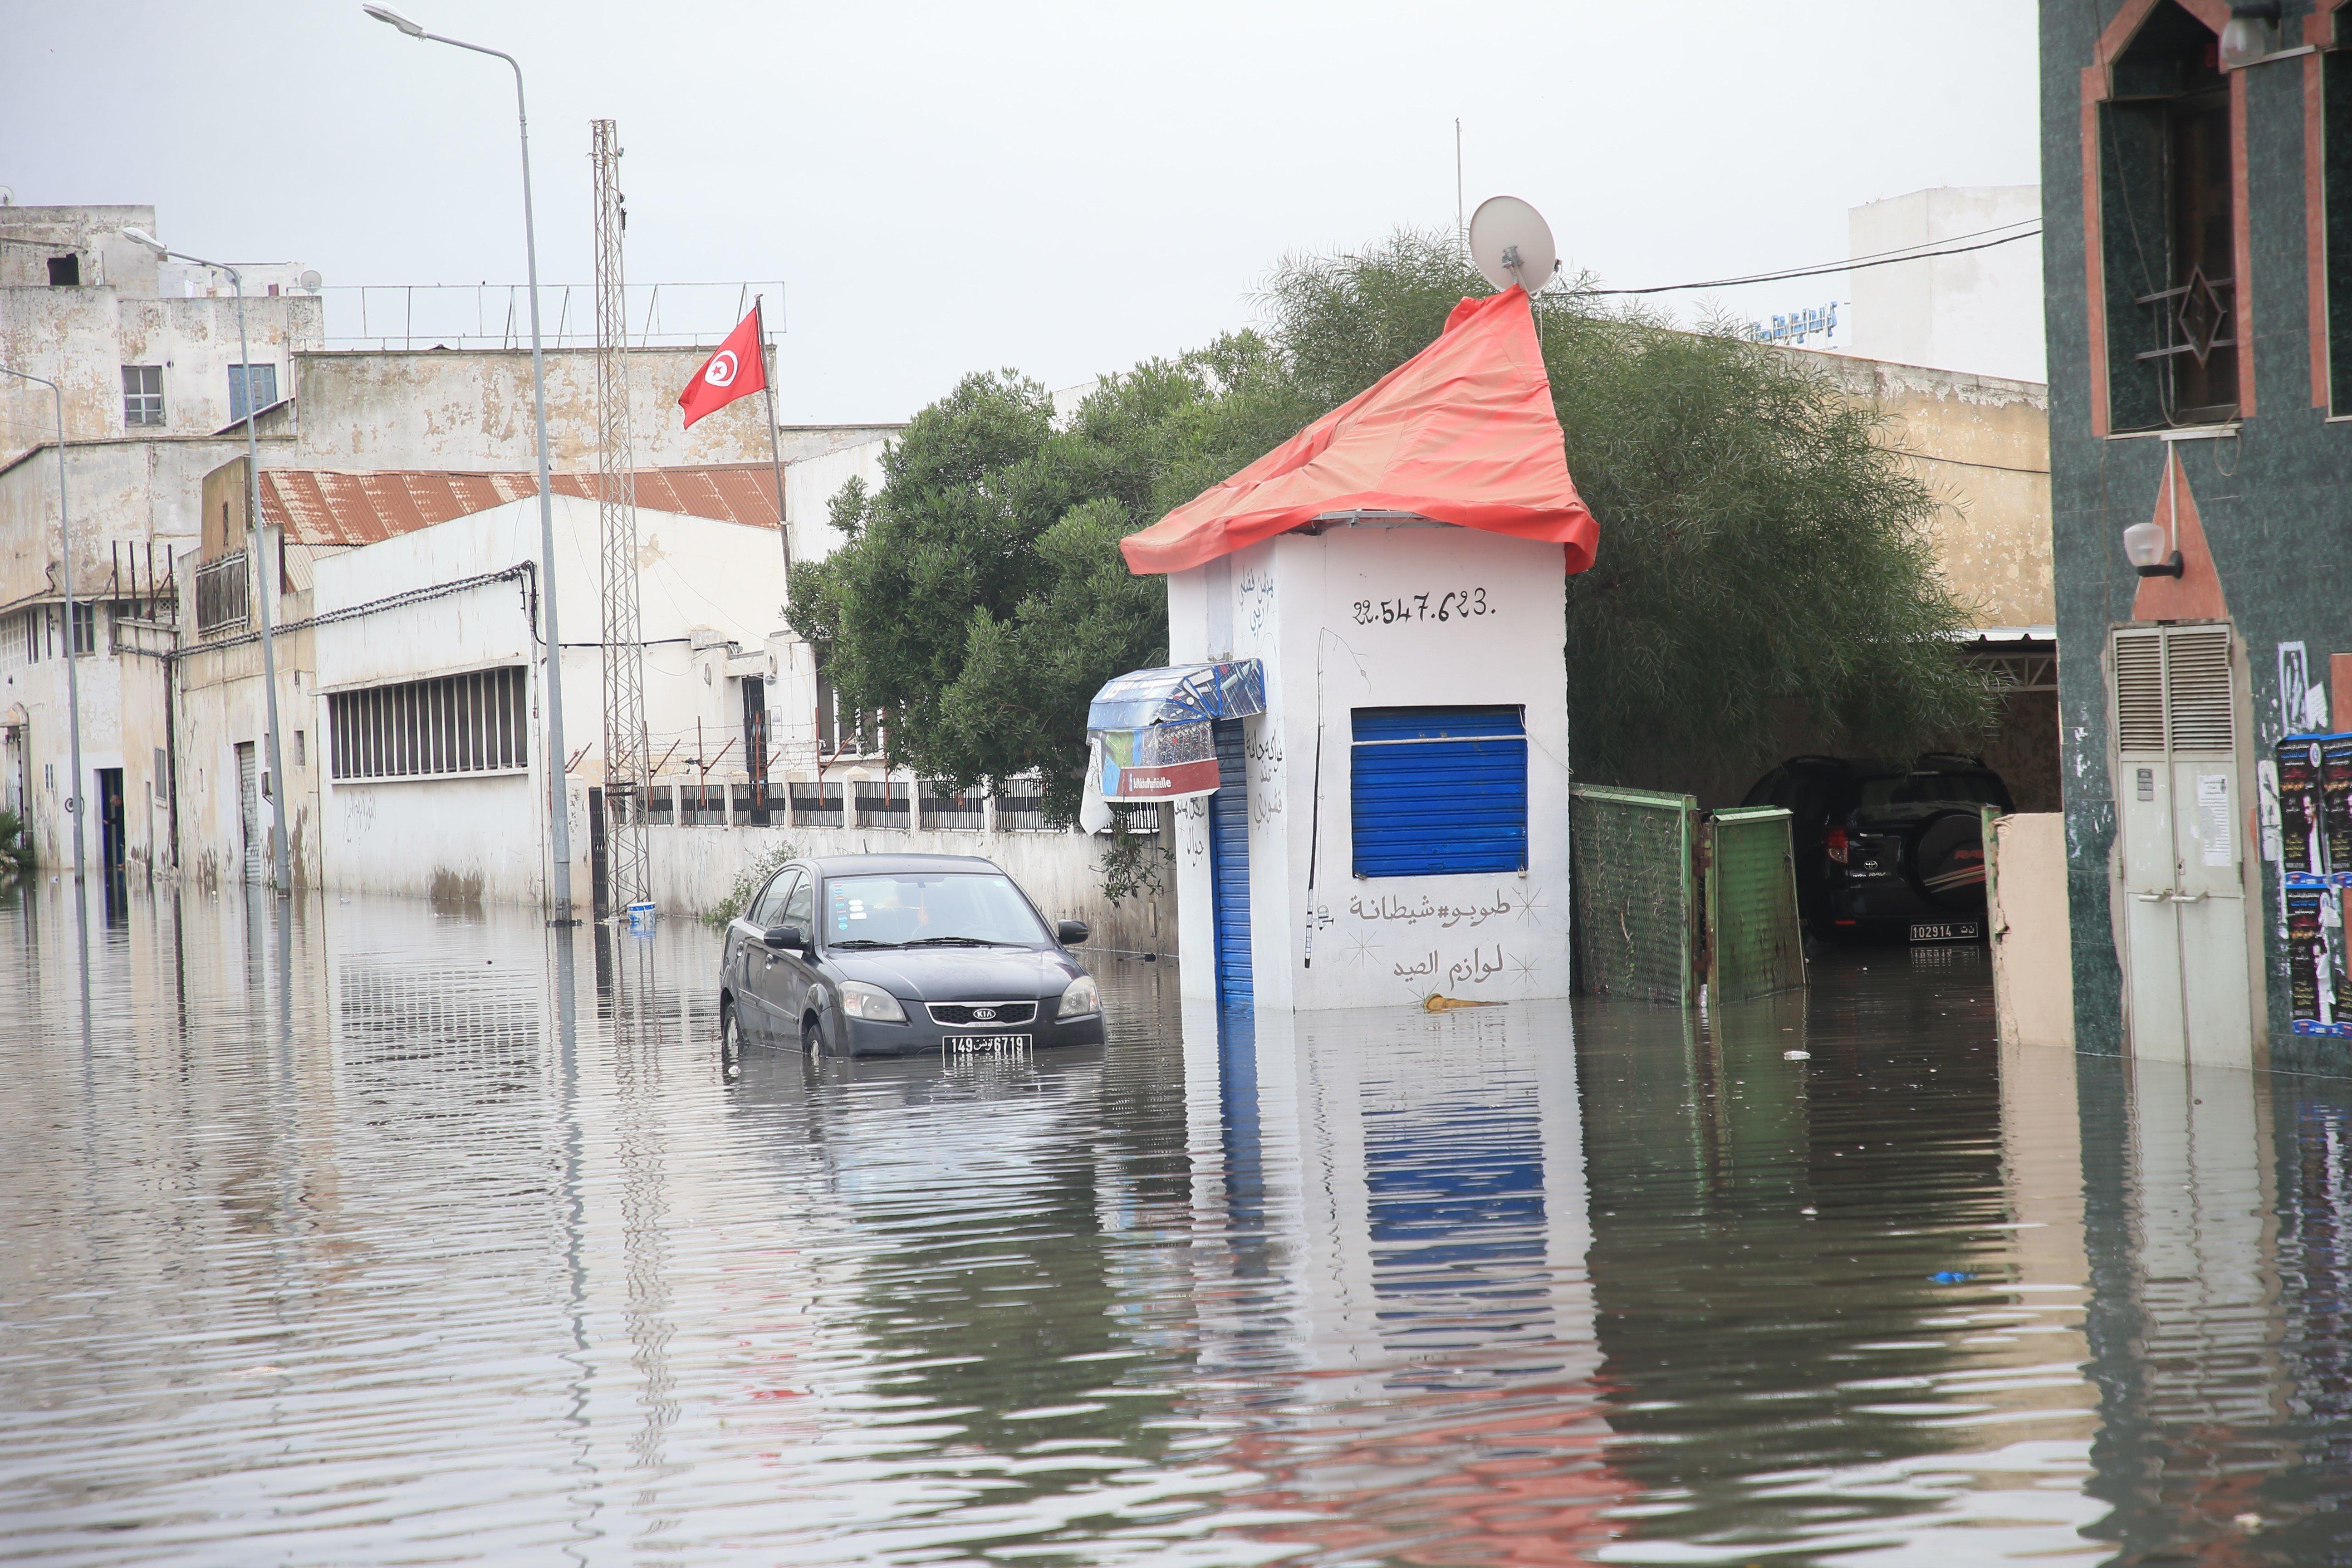 Tunisie: Plusieurs routes coupées à causes de fortes